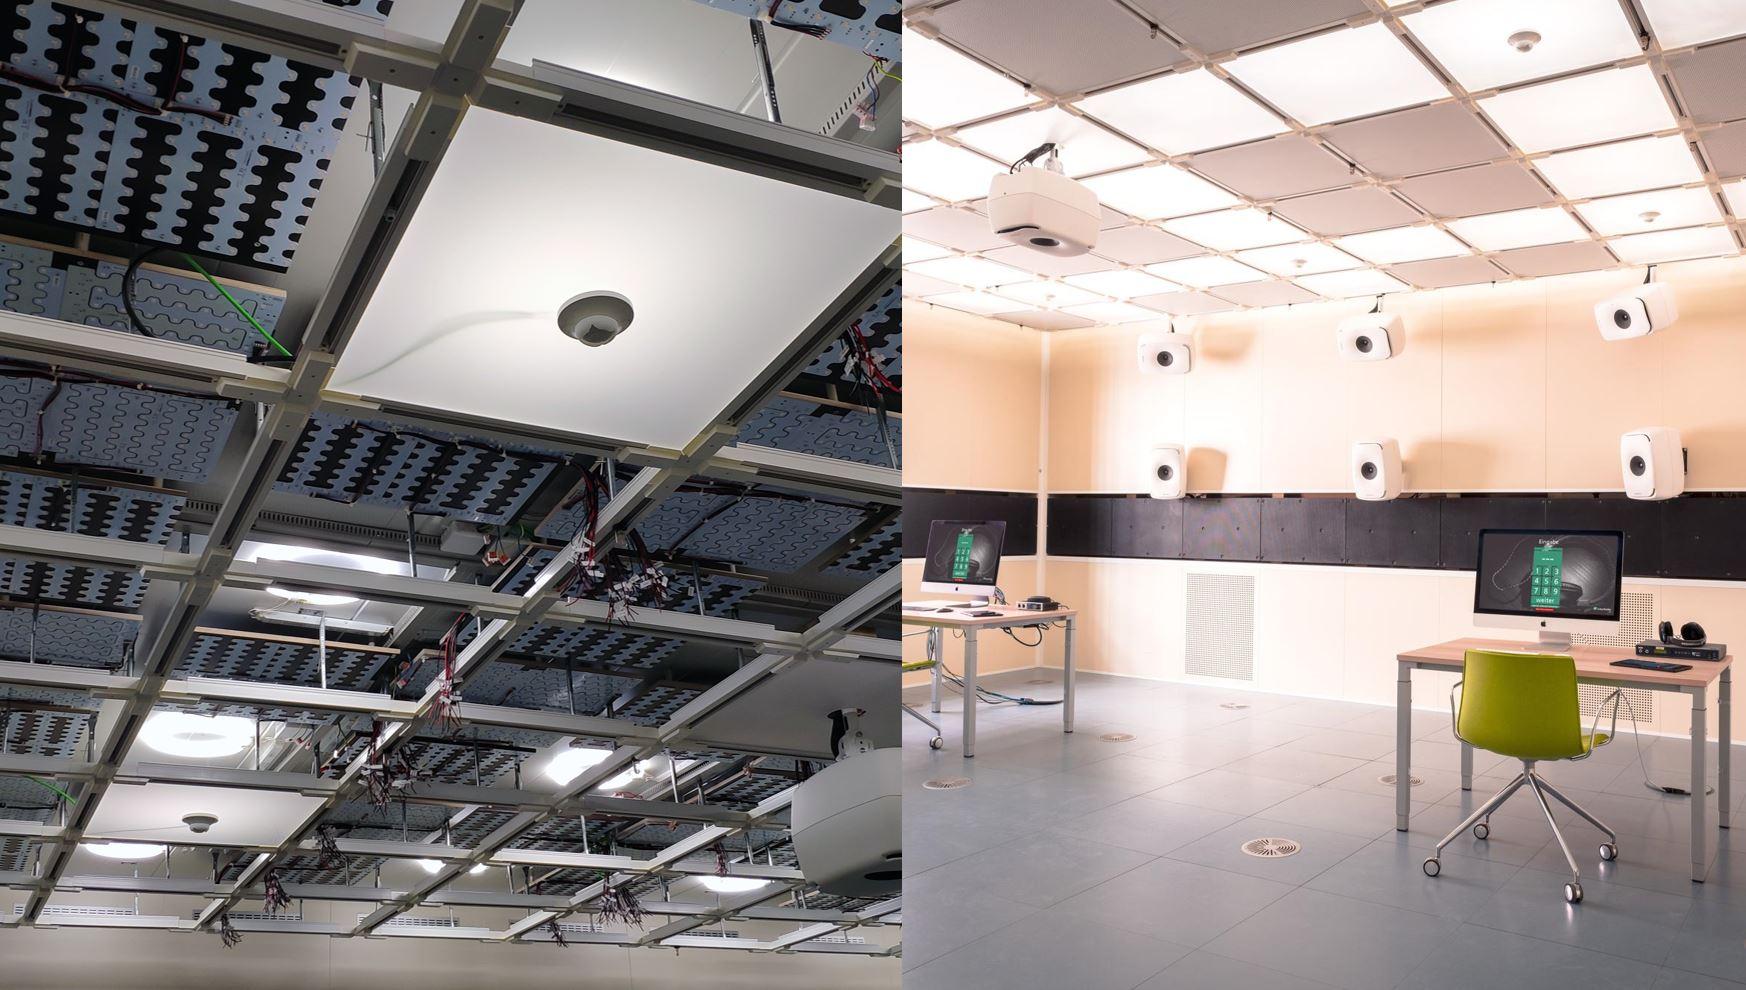 Wirkung von Vollspektrum-LEDs auf Menschen in Innenräumen